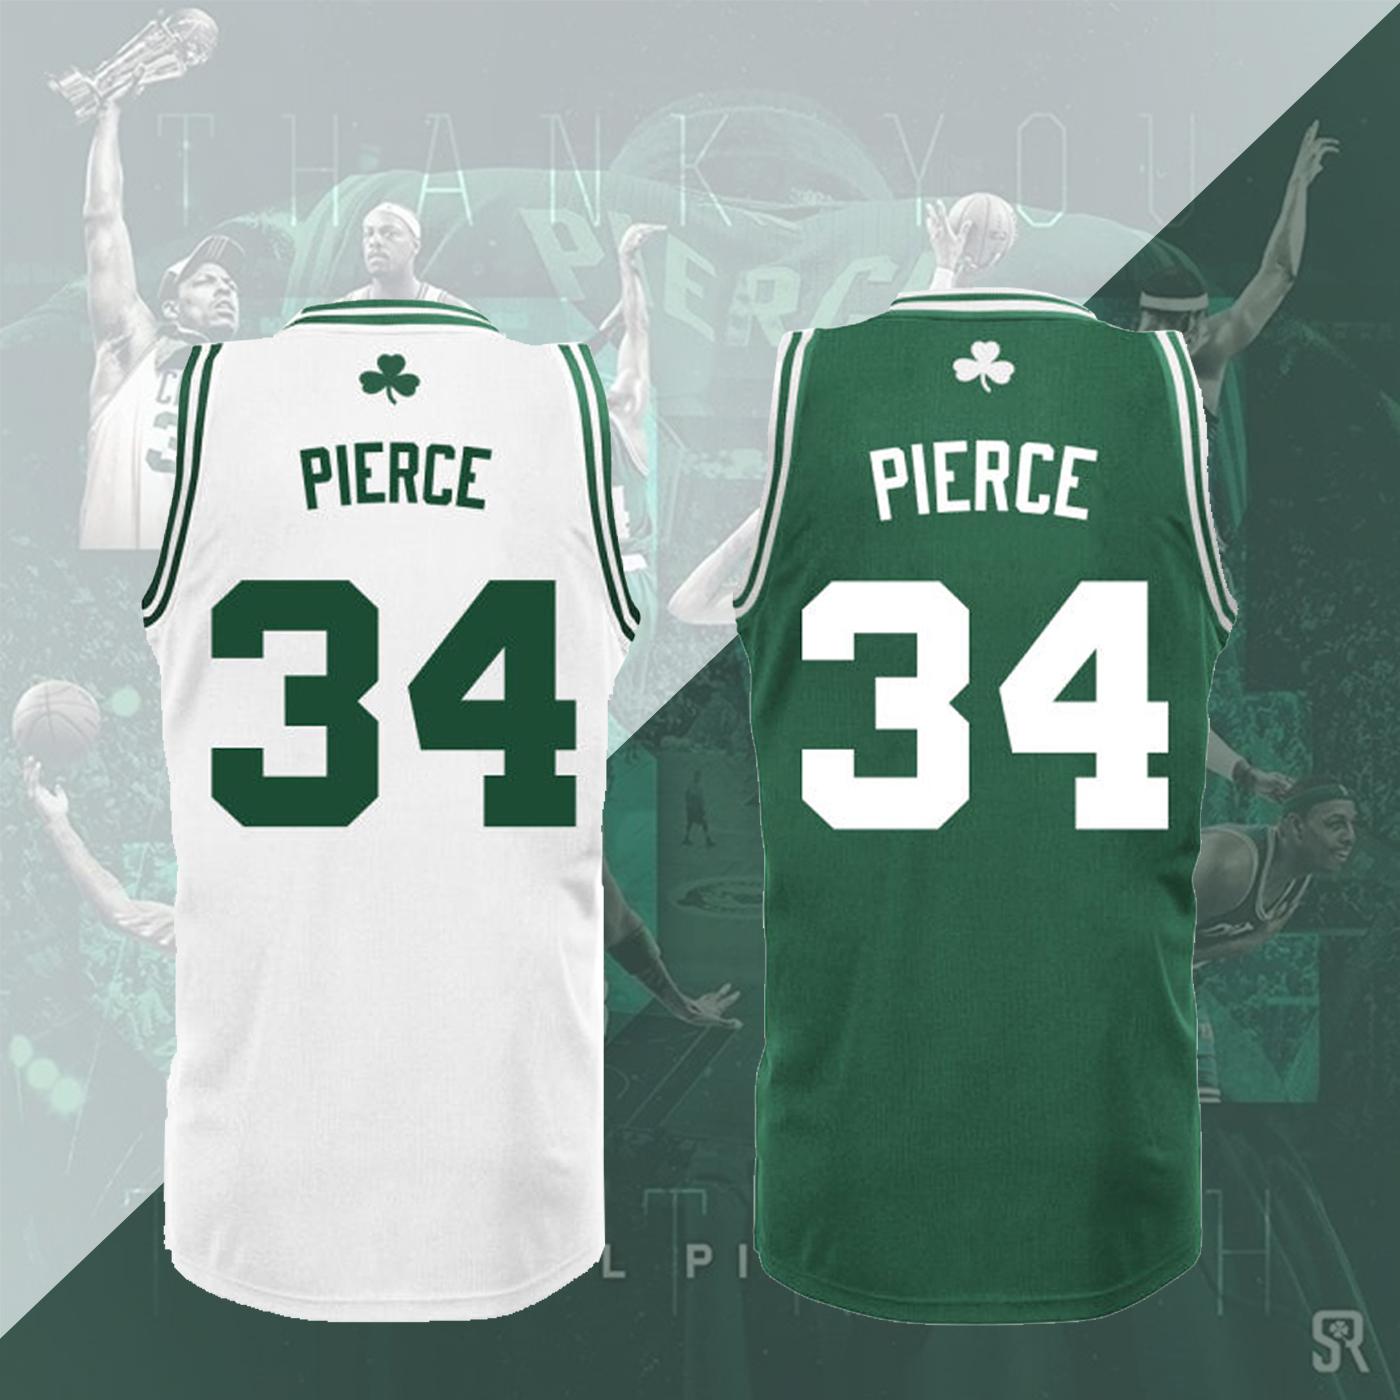 保罗皮尔斯退役纪念凯尔特人版型堪萨斯圣诞球衣通用GE绿色篮球服